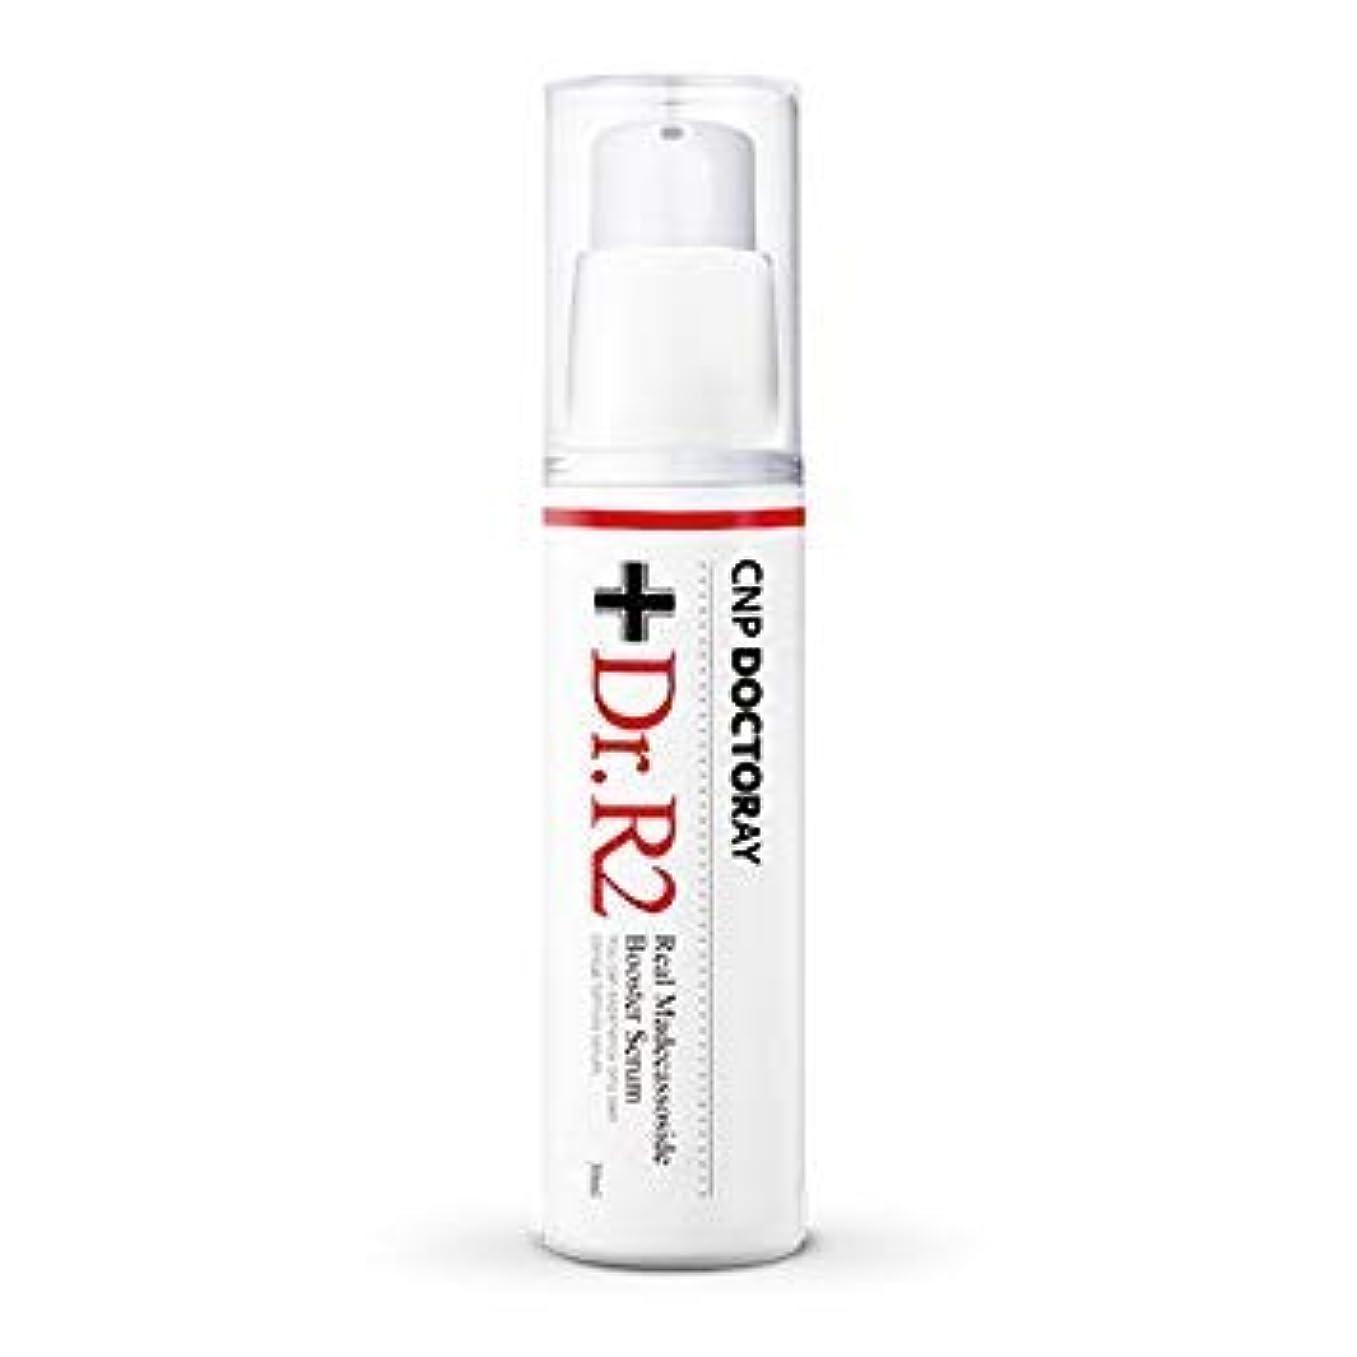 嵐災難プロペラCNPドクターレイ(CNP DOCTORAY)Dr.R2 リアルマデカーソサイドブースターセラム 30ml (Dr.R2 Real Madecassoside Booster Serum)